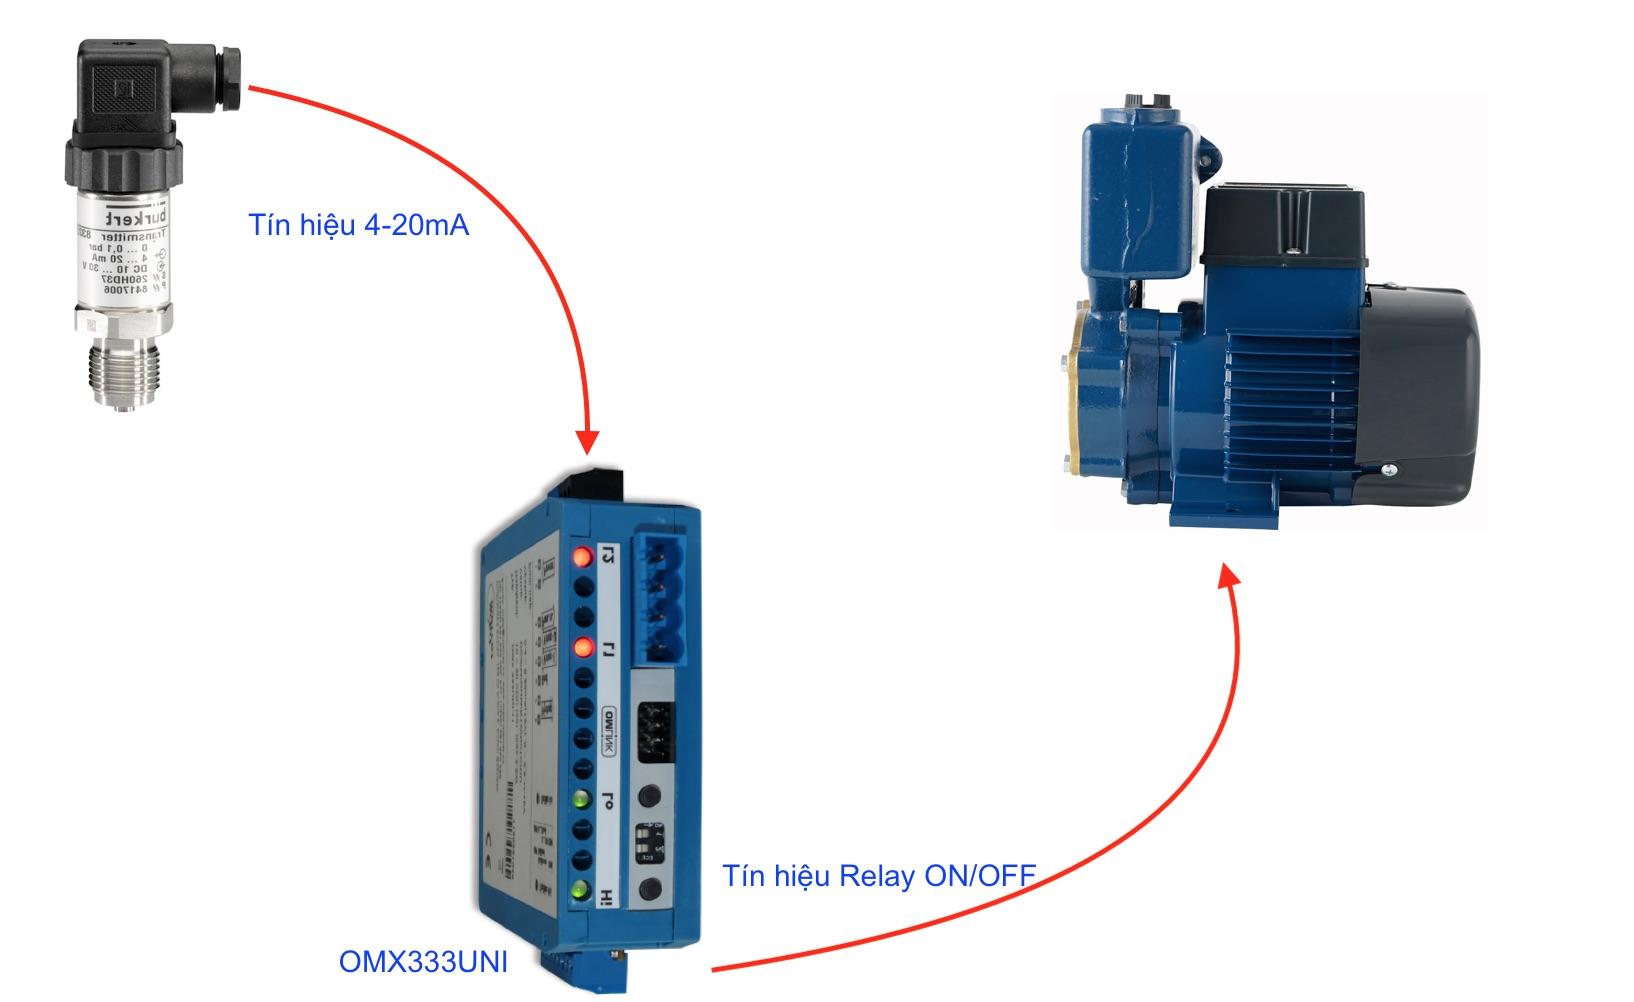 Mô tả ứng dụng bộ điều khiển 4-20mA